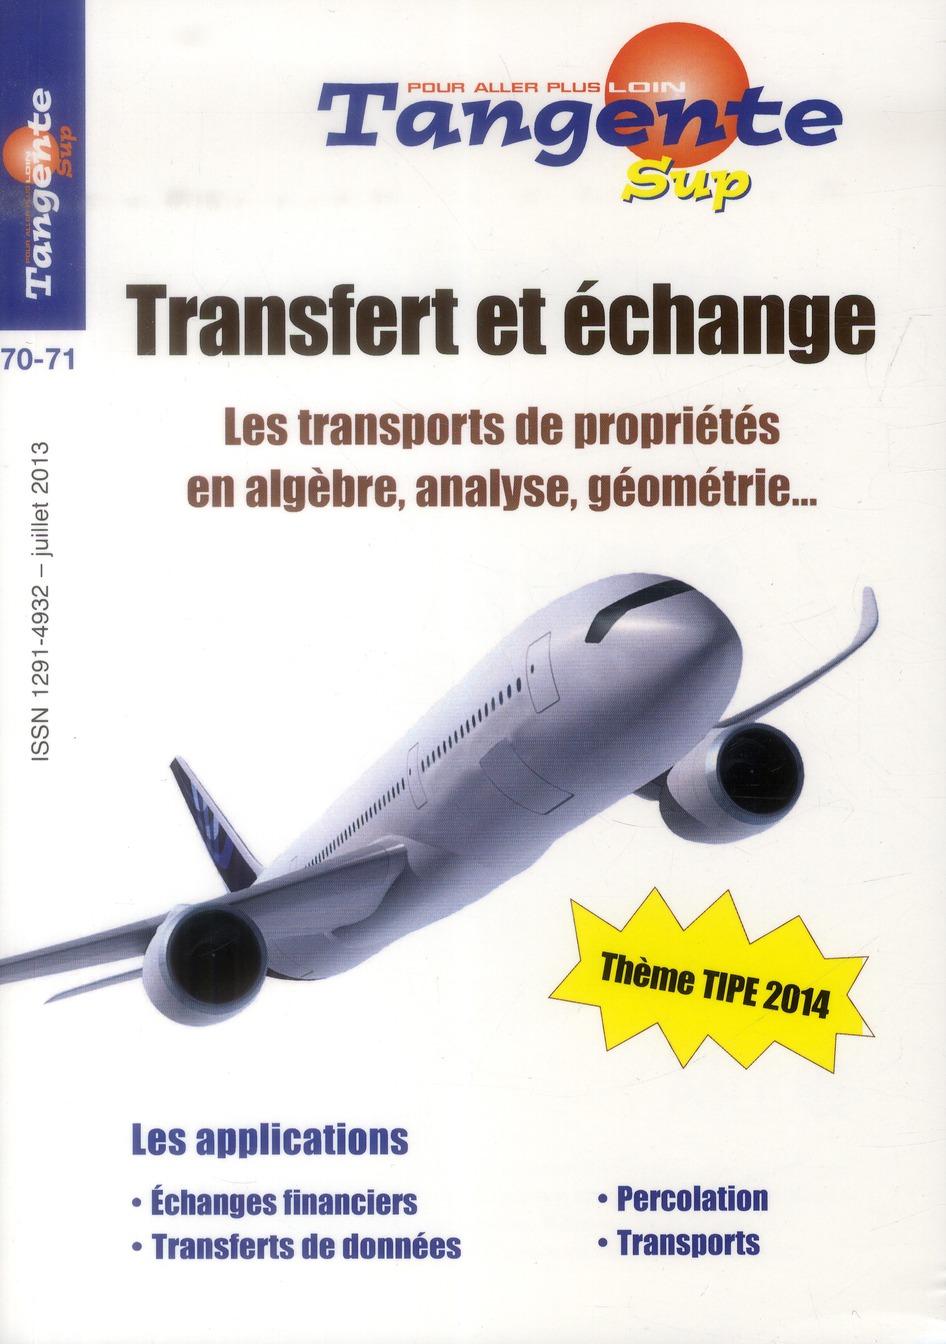 Transfert et échange ; les transports de propriétés en algèbre, analyse, géométrie…  ; thème TIPE 2014